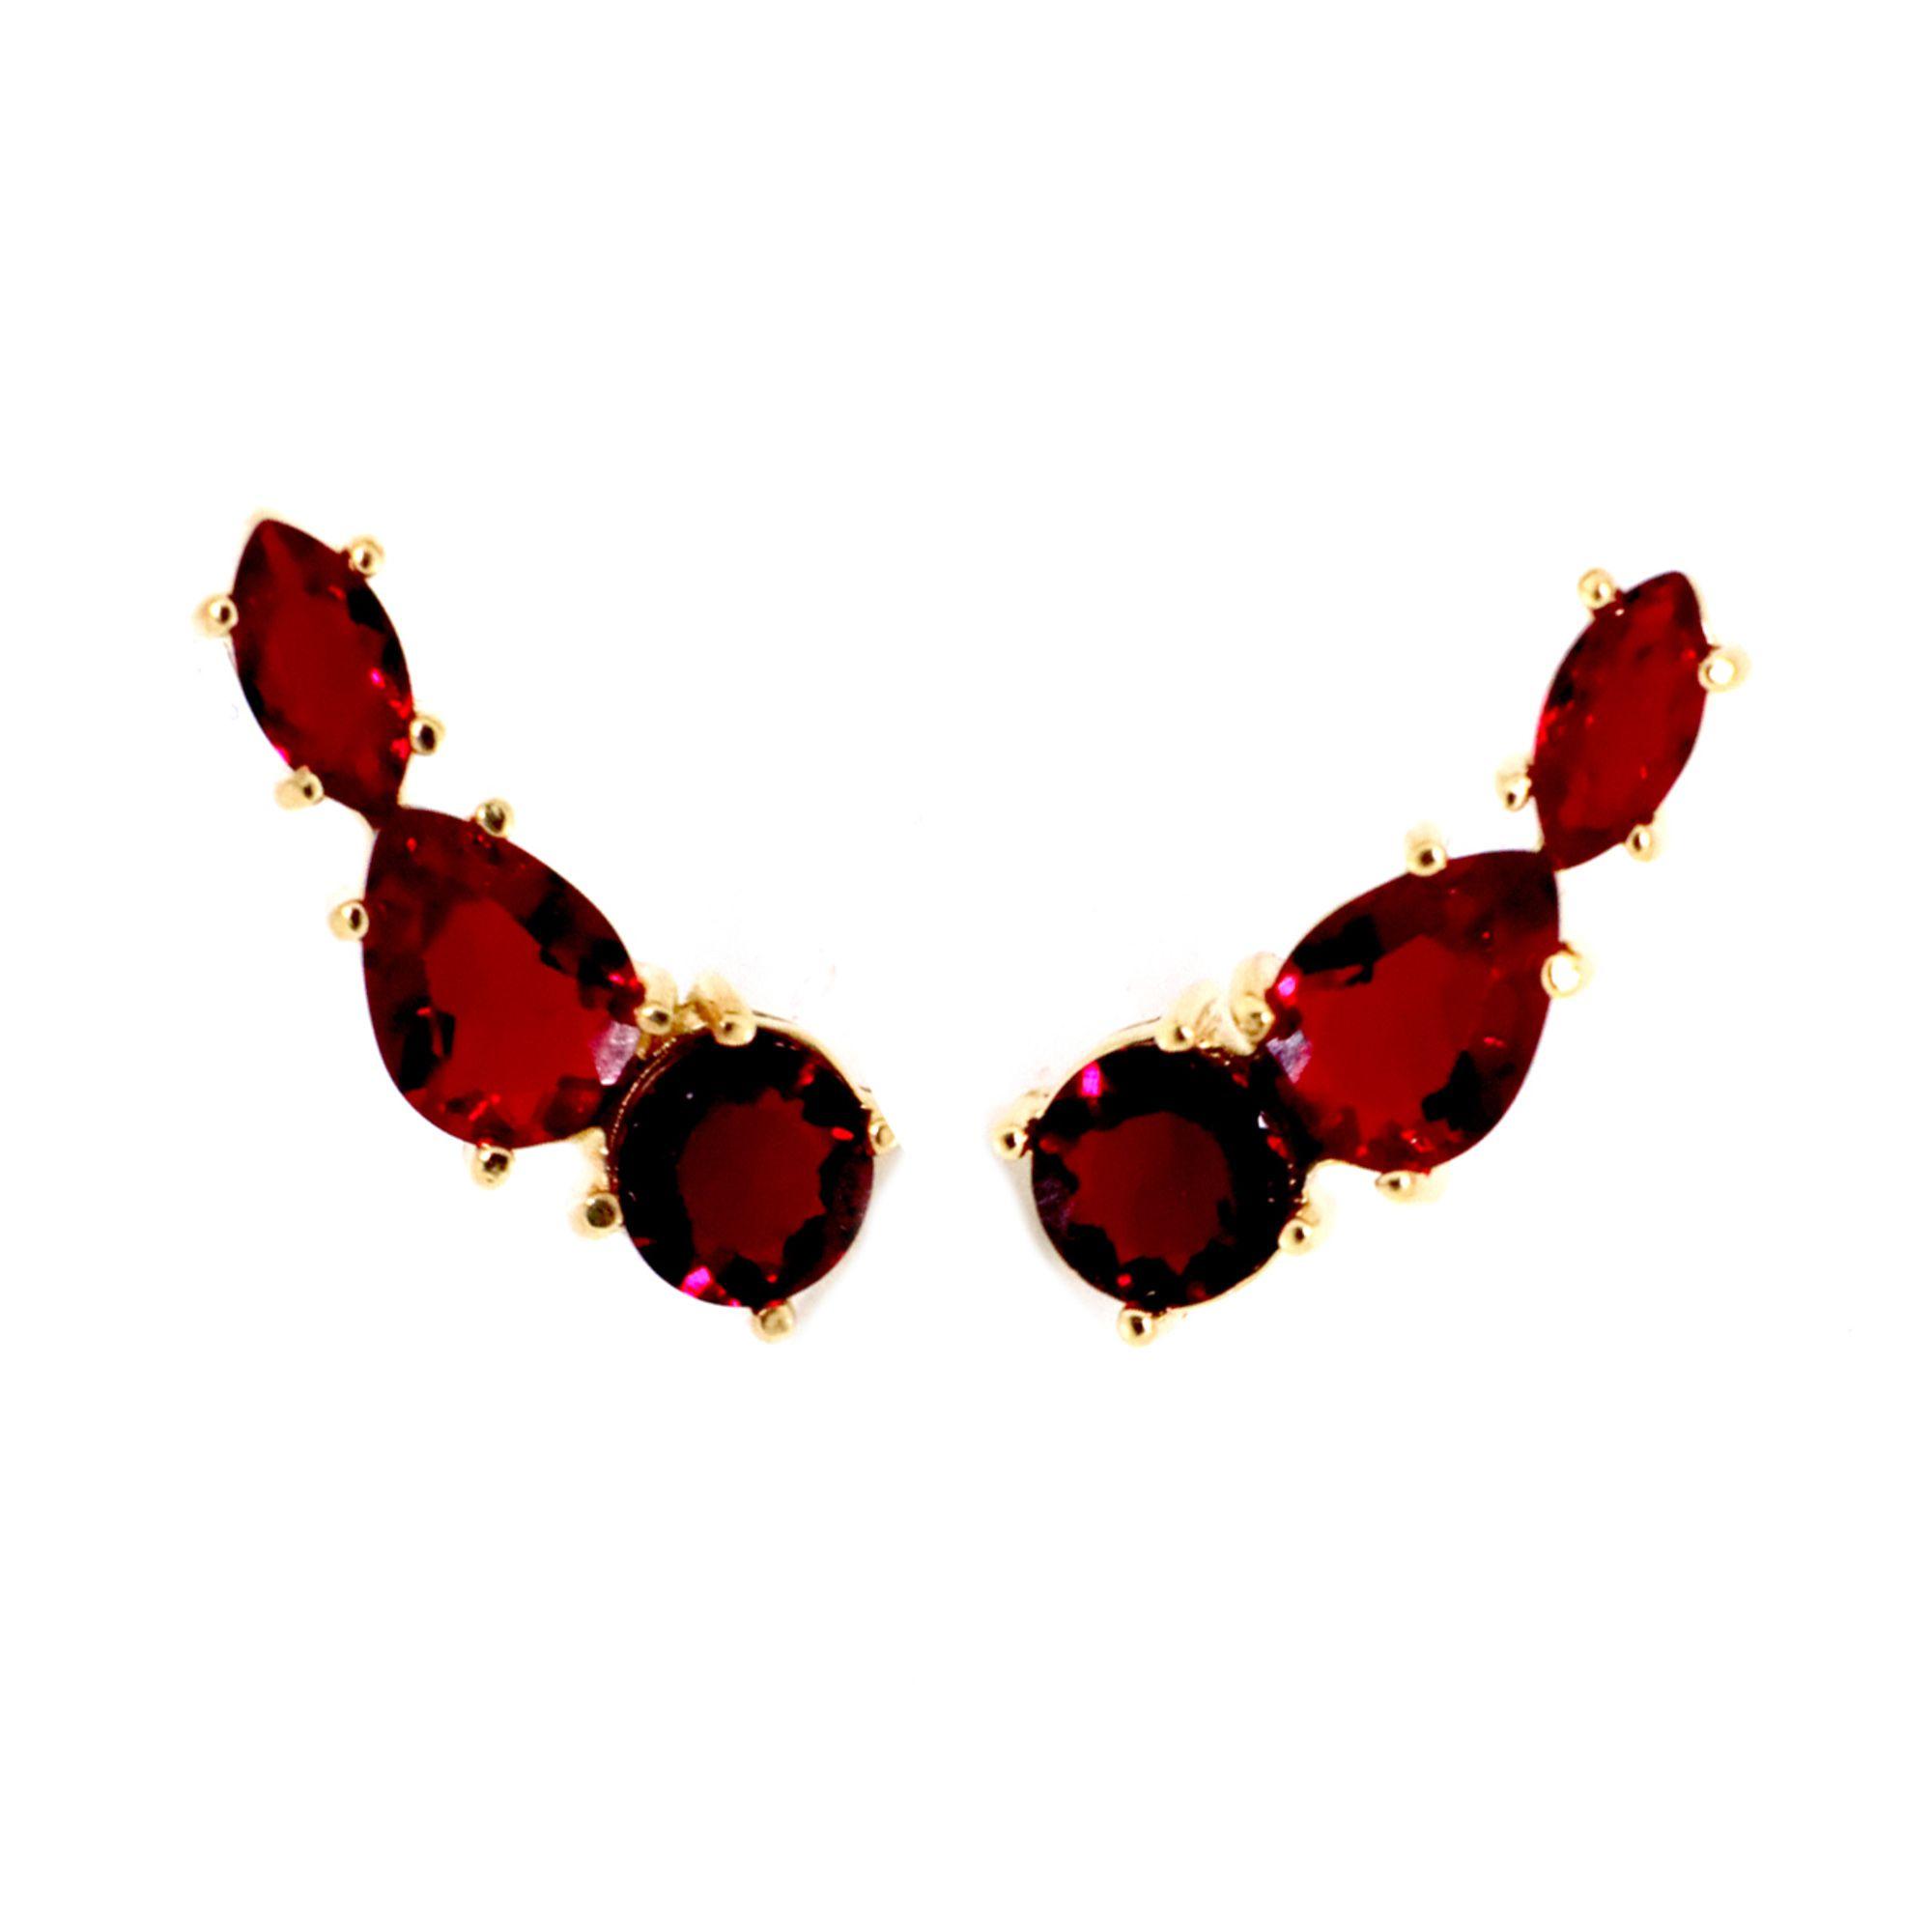 Brinco Semi joia Ear cuff 3 Cristais  banhado a ouro 18k ou rhodium